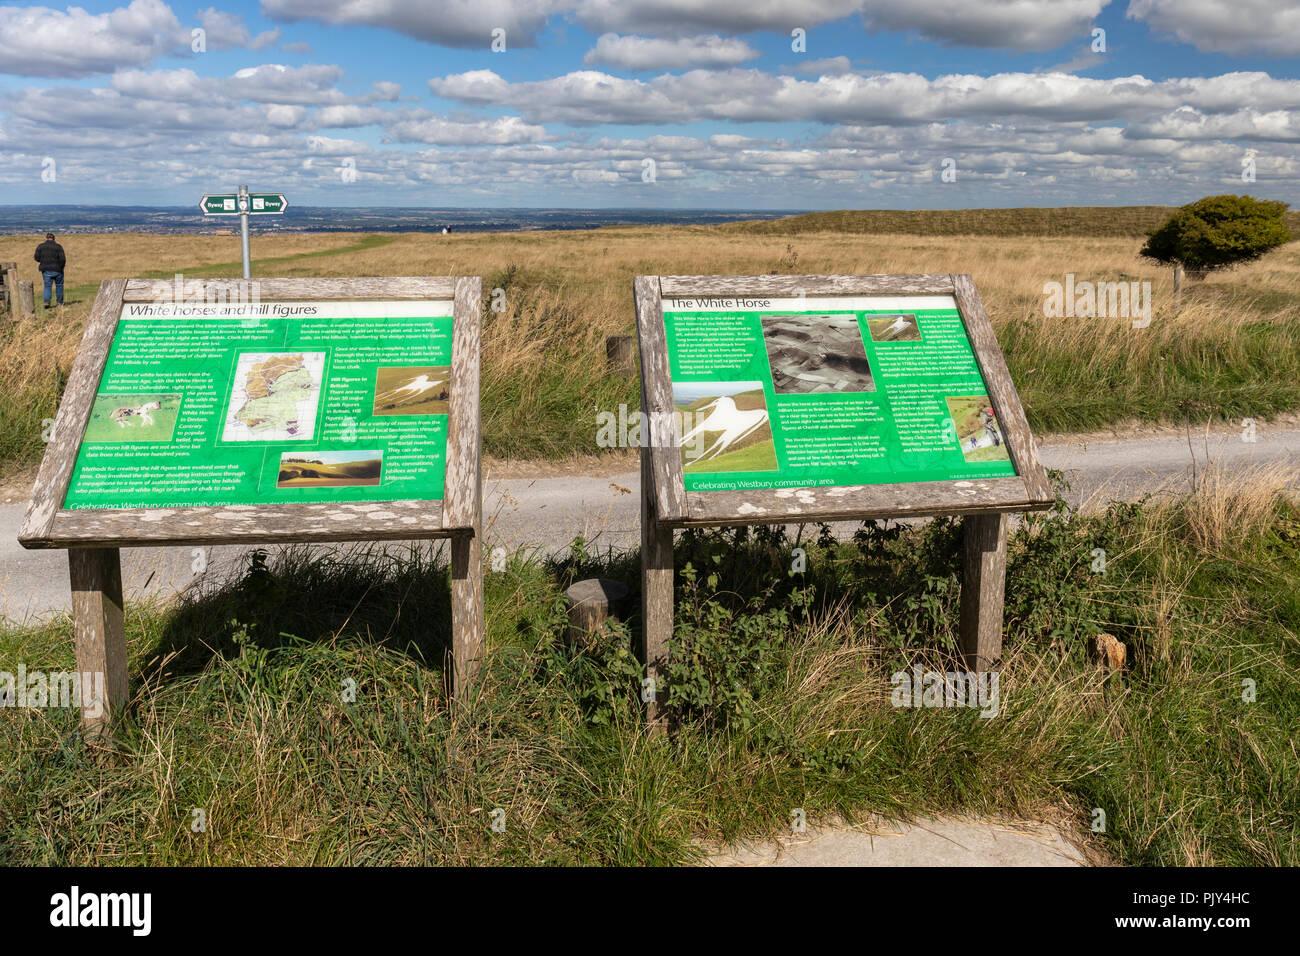 Interpretation boards at Westbury White Horse, Westbury, Wiltshire, England, UK Stock Photo